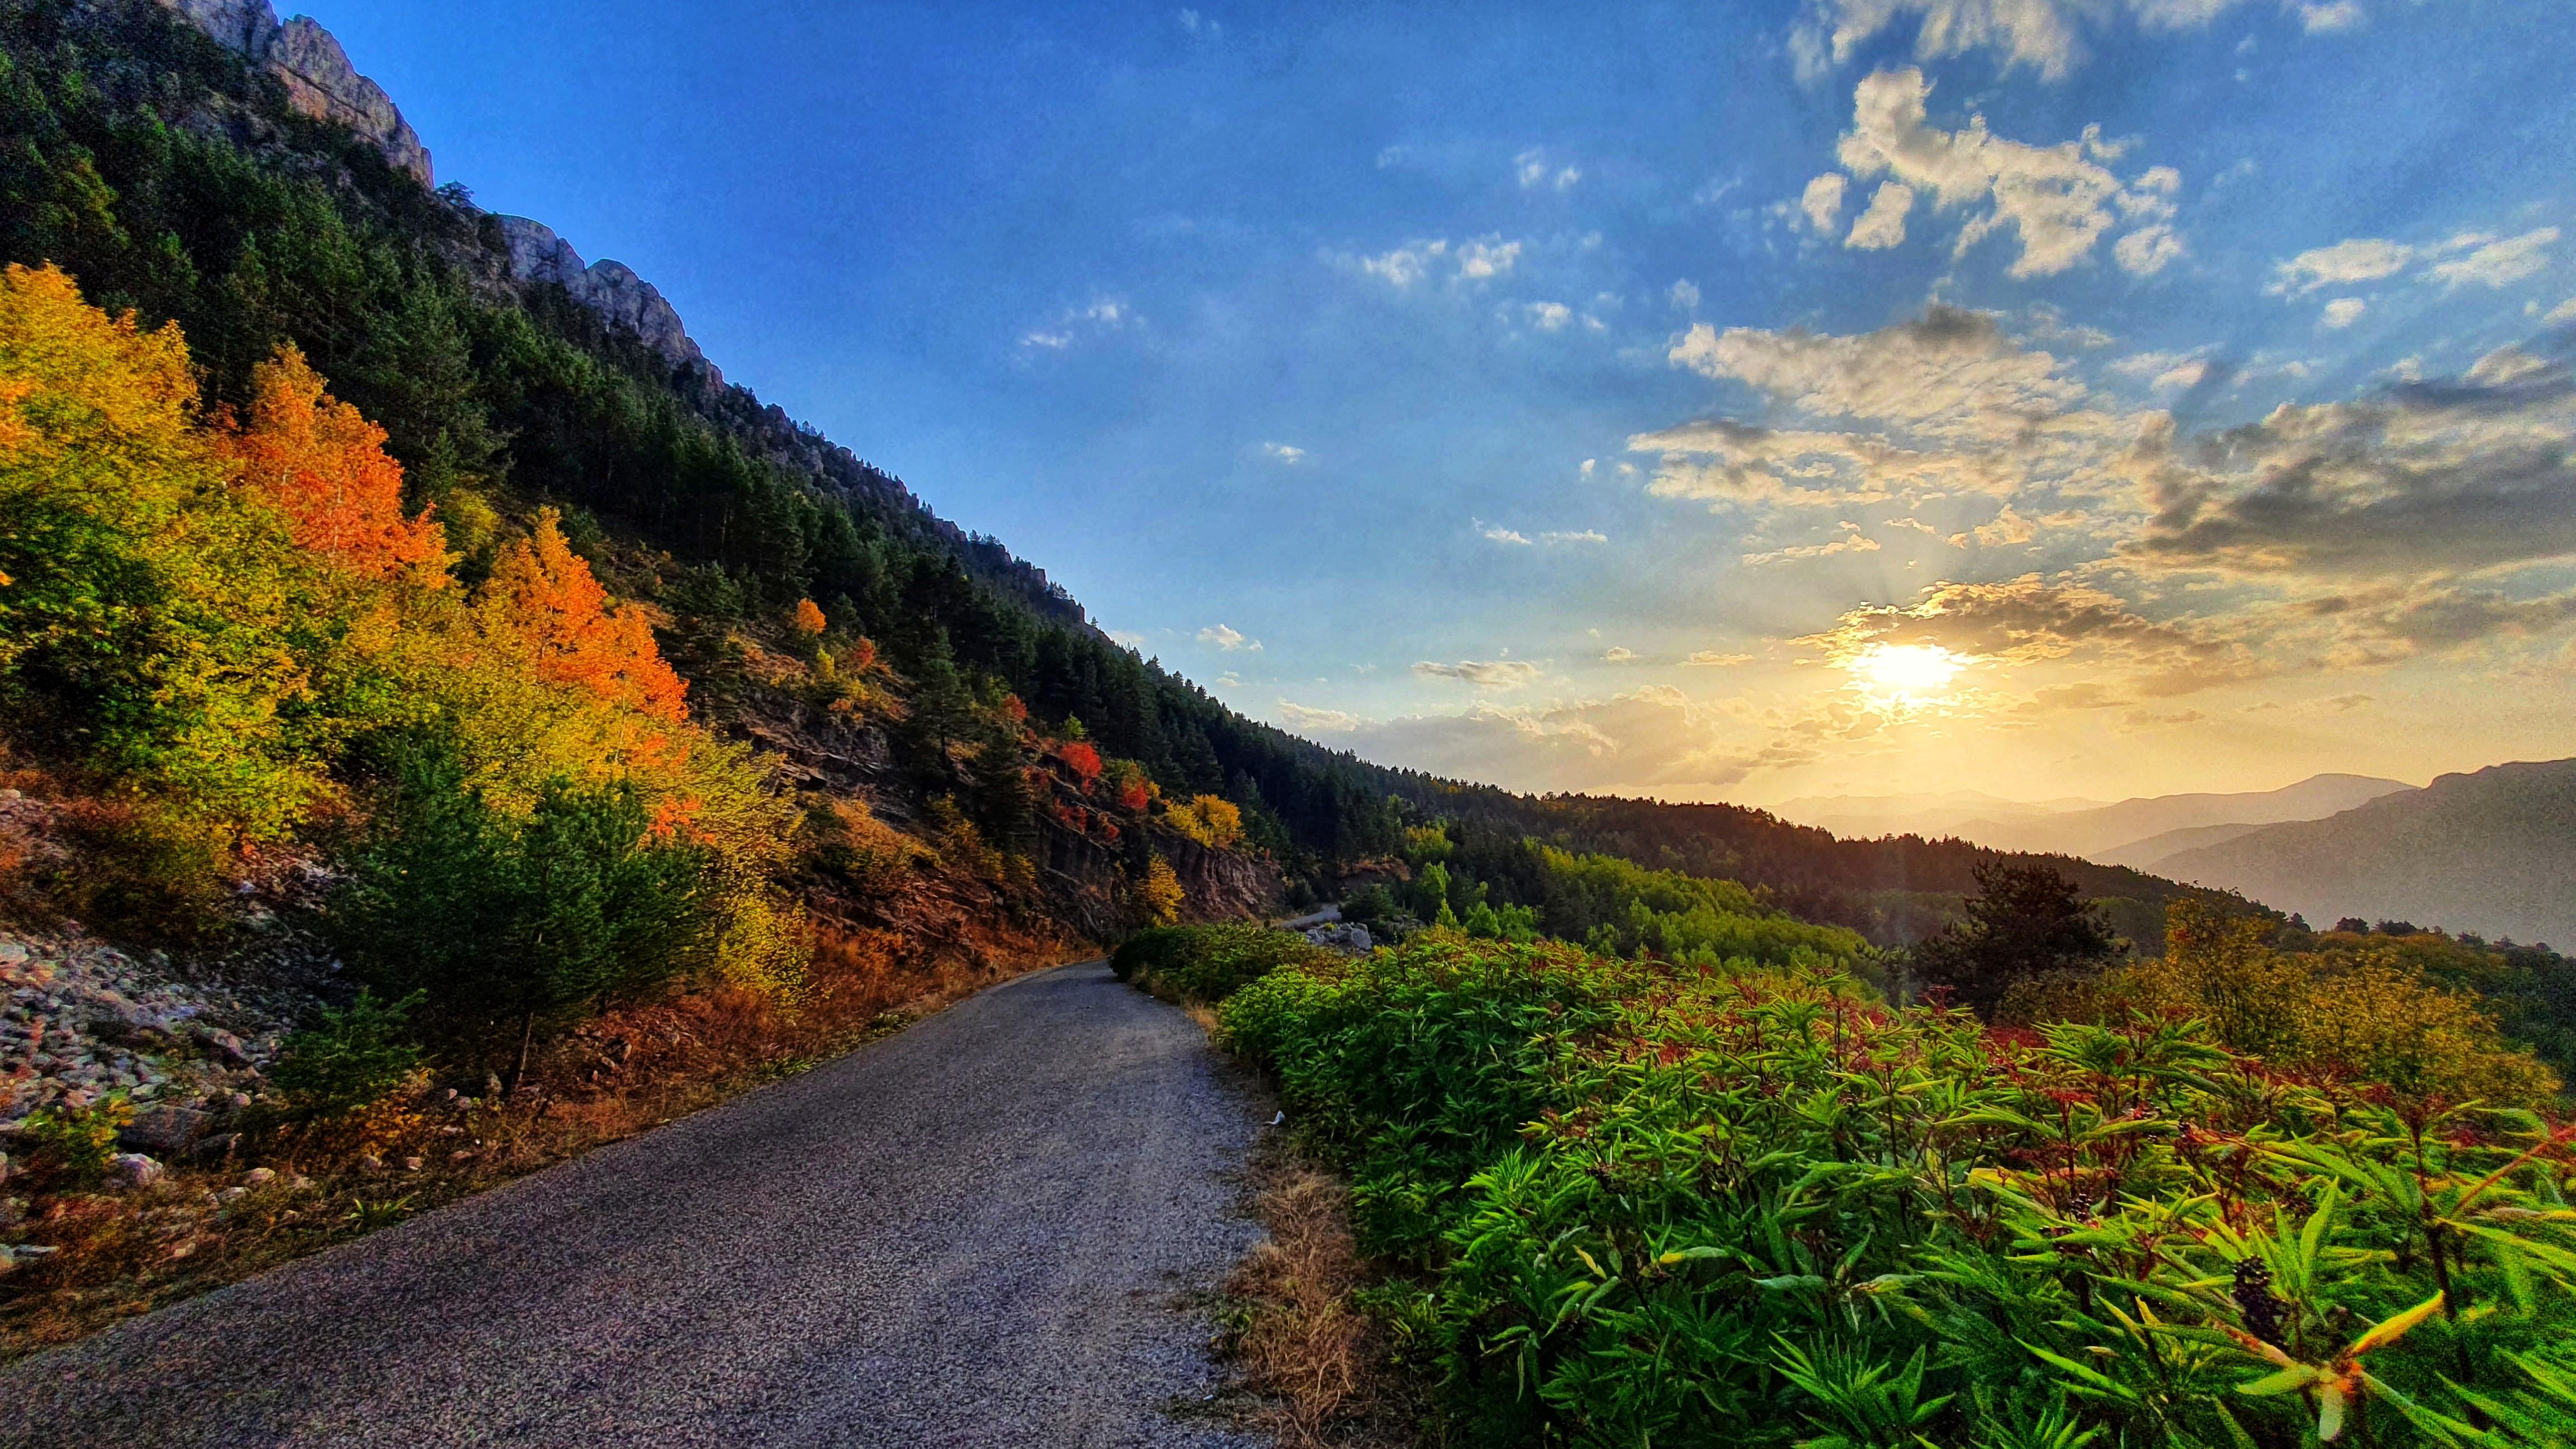 Dağlarda Sonbahar Güzelliği